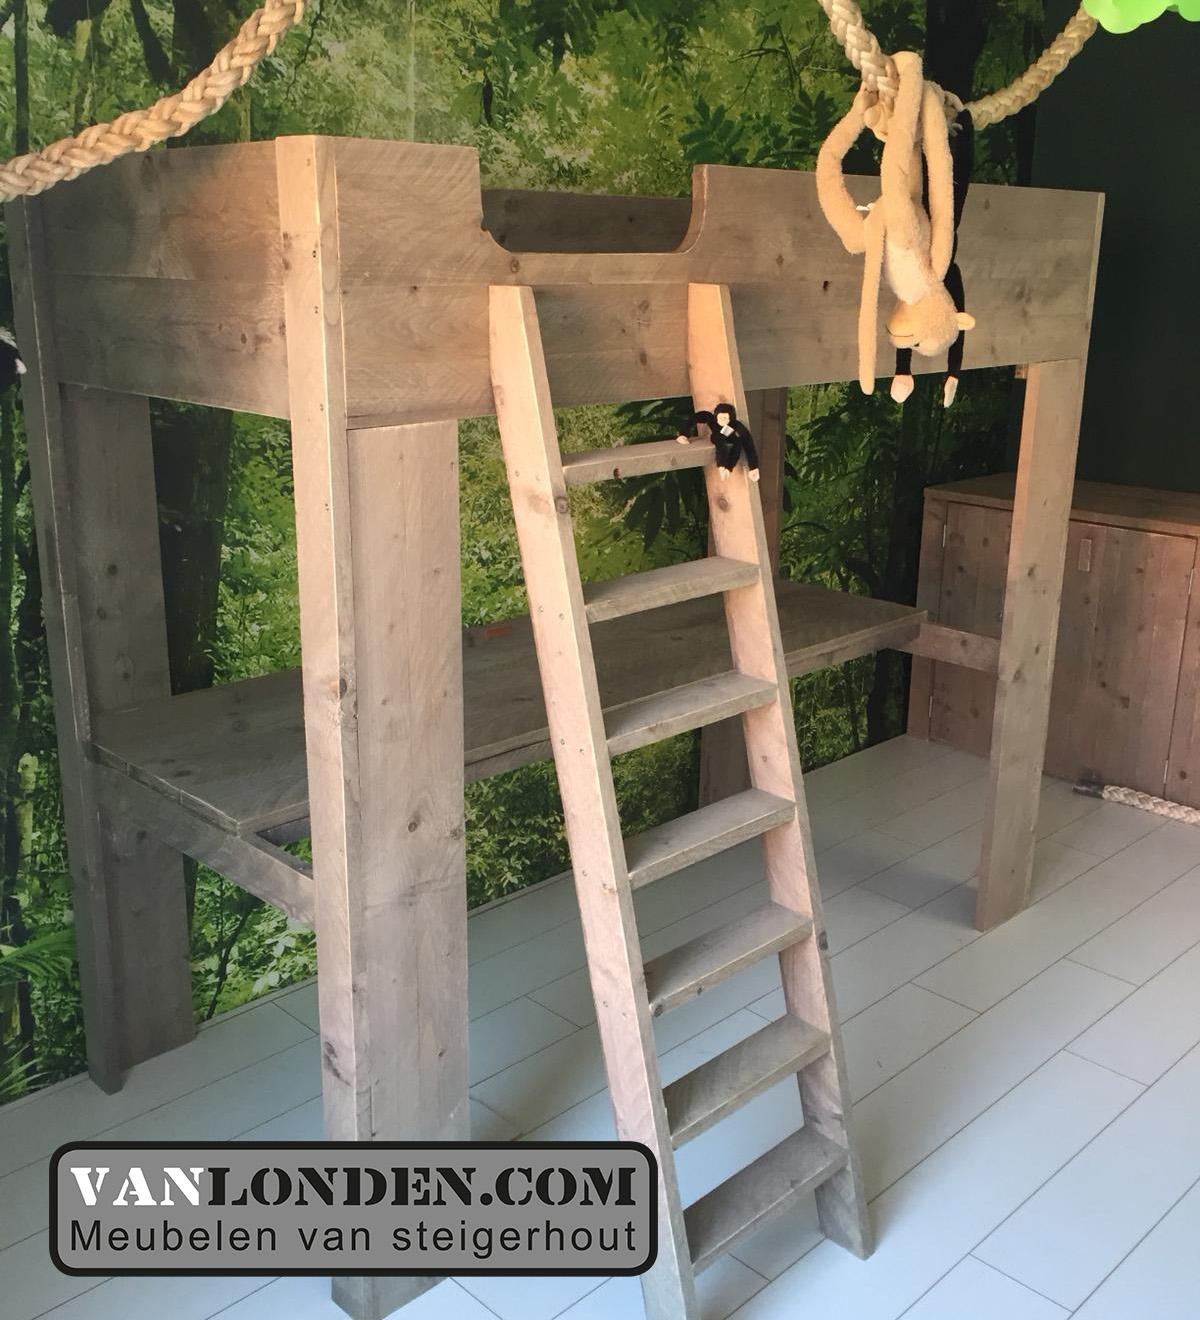 VanLonden maakt oersterke meubelen